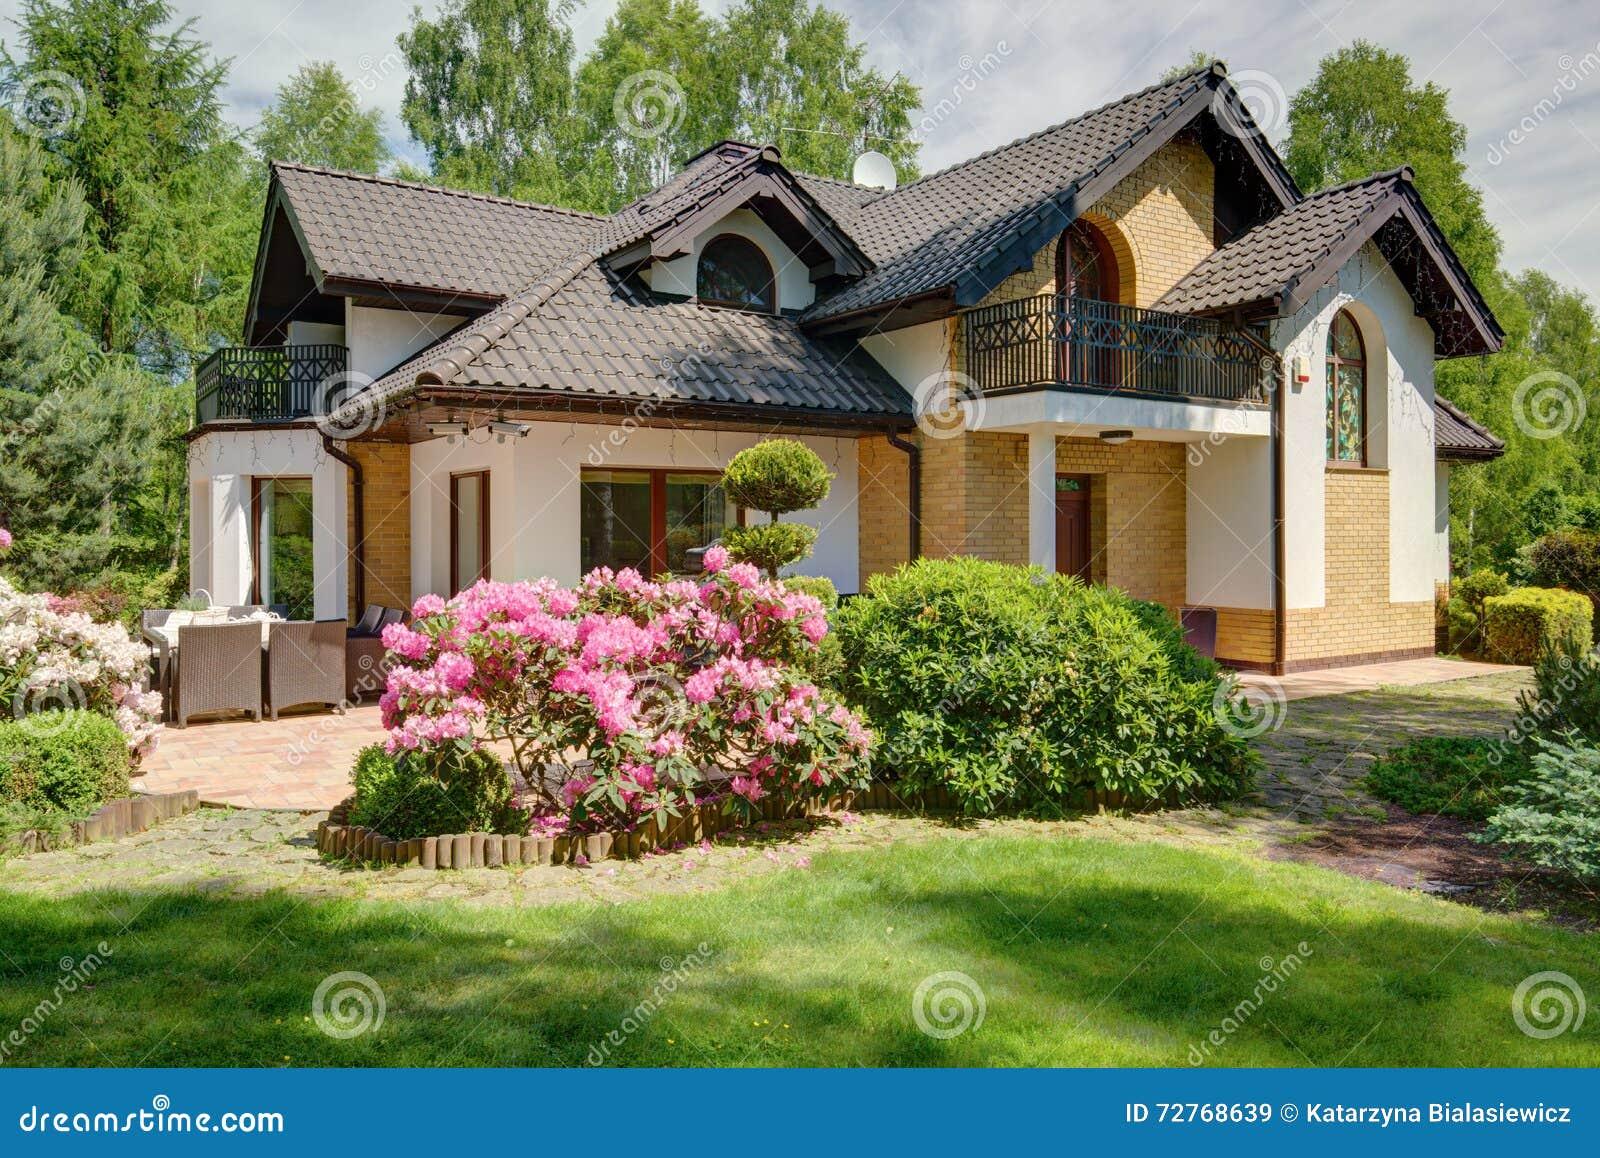 maison luxueuse dans les banlieues photo stock image 72768639. Black Bedroom Furniture Sets. Home Design Ideas